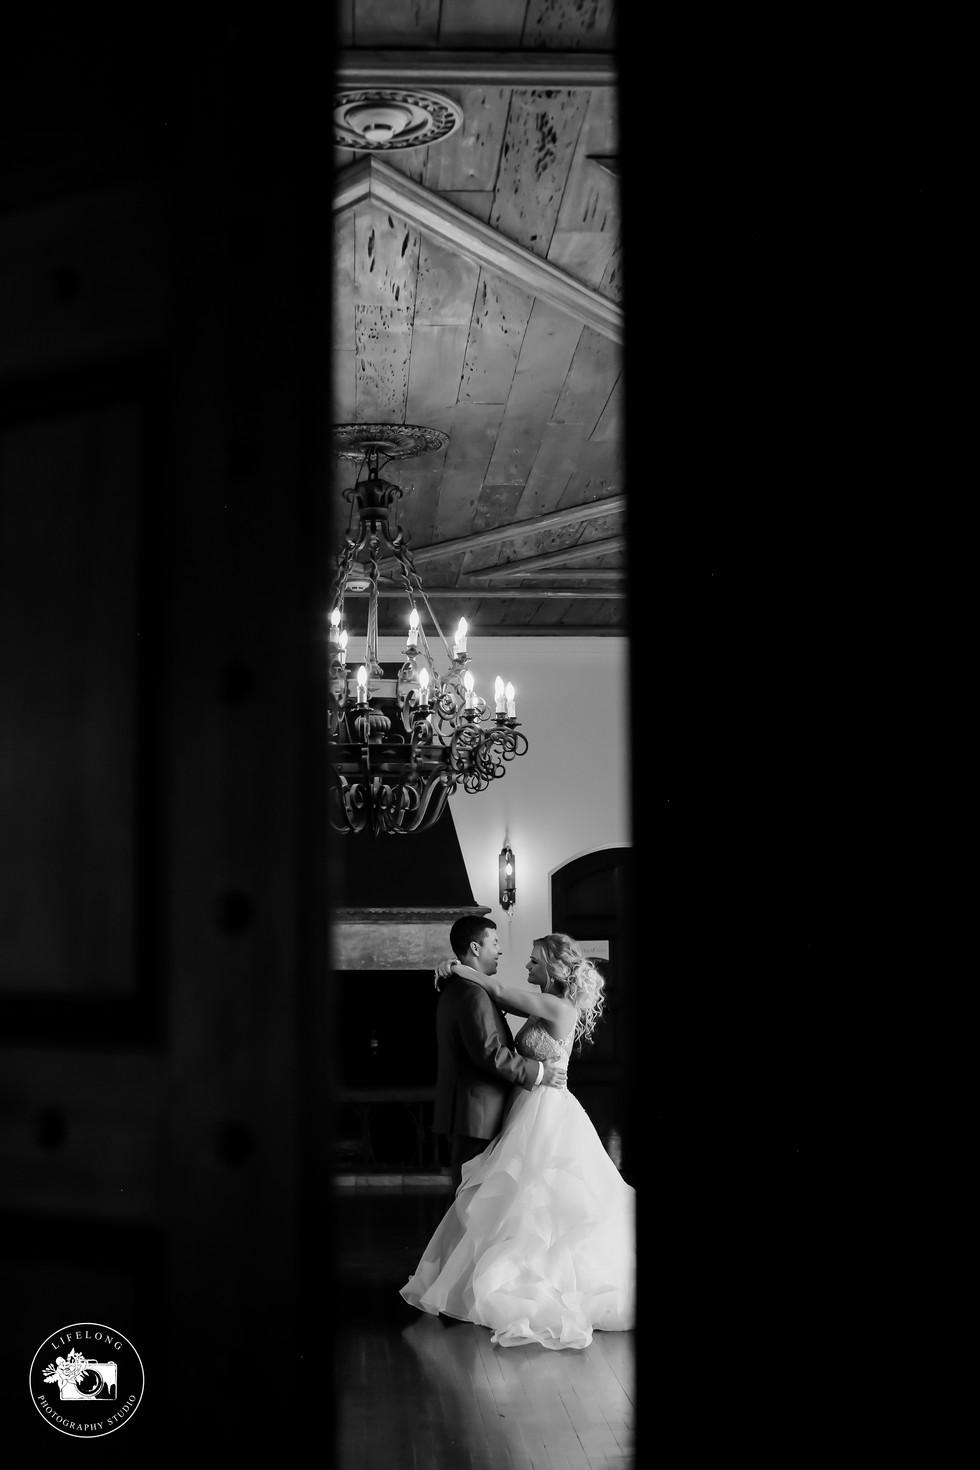 Lifelong_Photography_Studio_BellaCosa-52